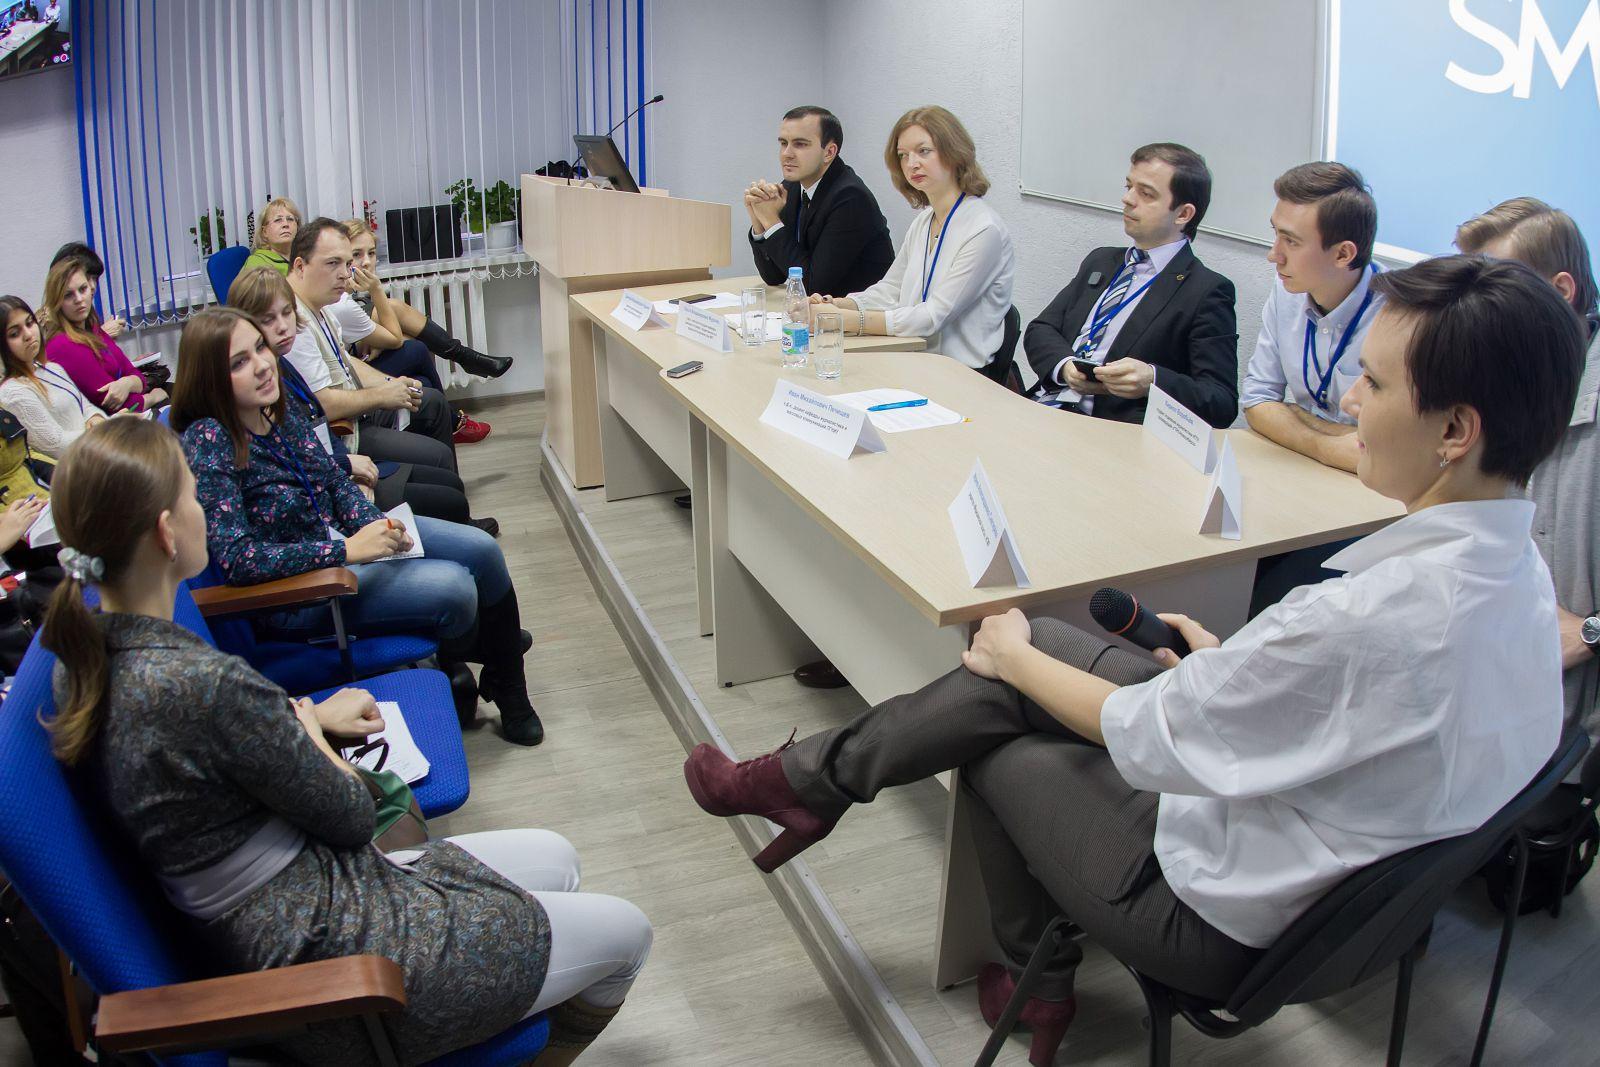 Пресс-служба ЮУрГУ приняла участие во всероссийском форуме «Медиавуз-2015»